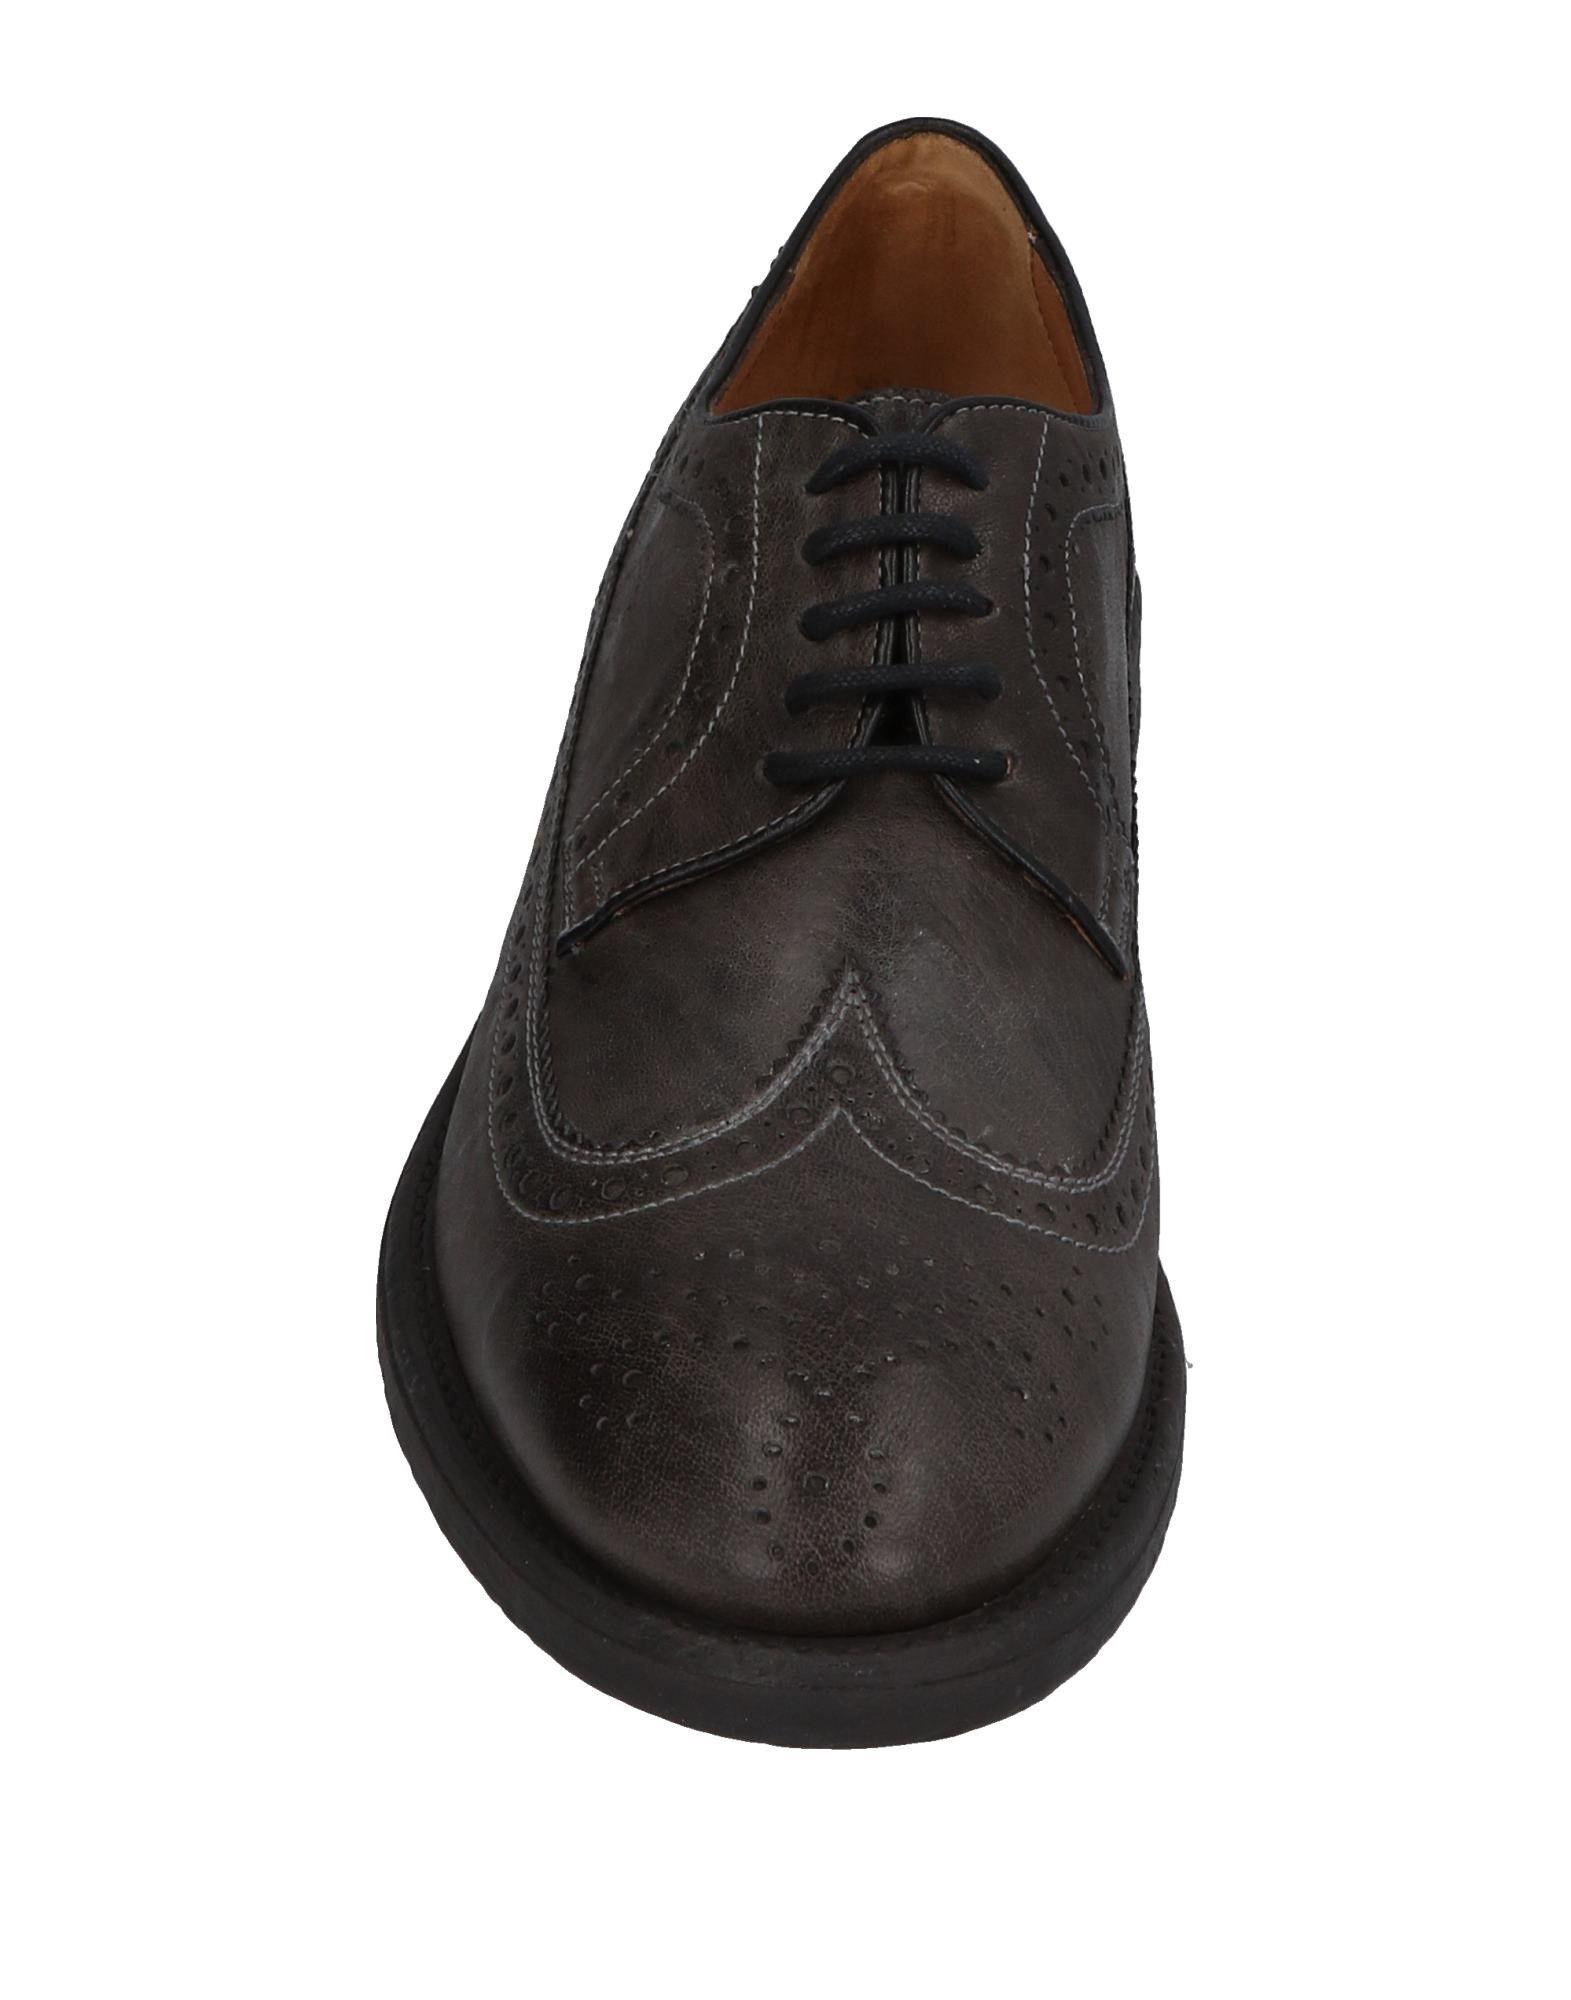 CHAUSSURES - Chaussures à lacetsSoldini N579qE4